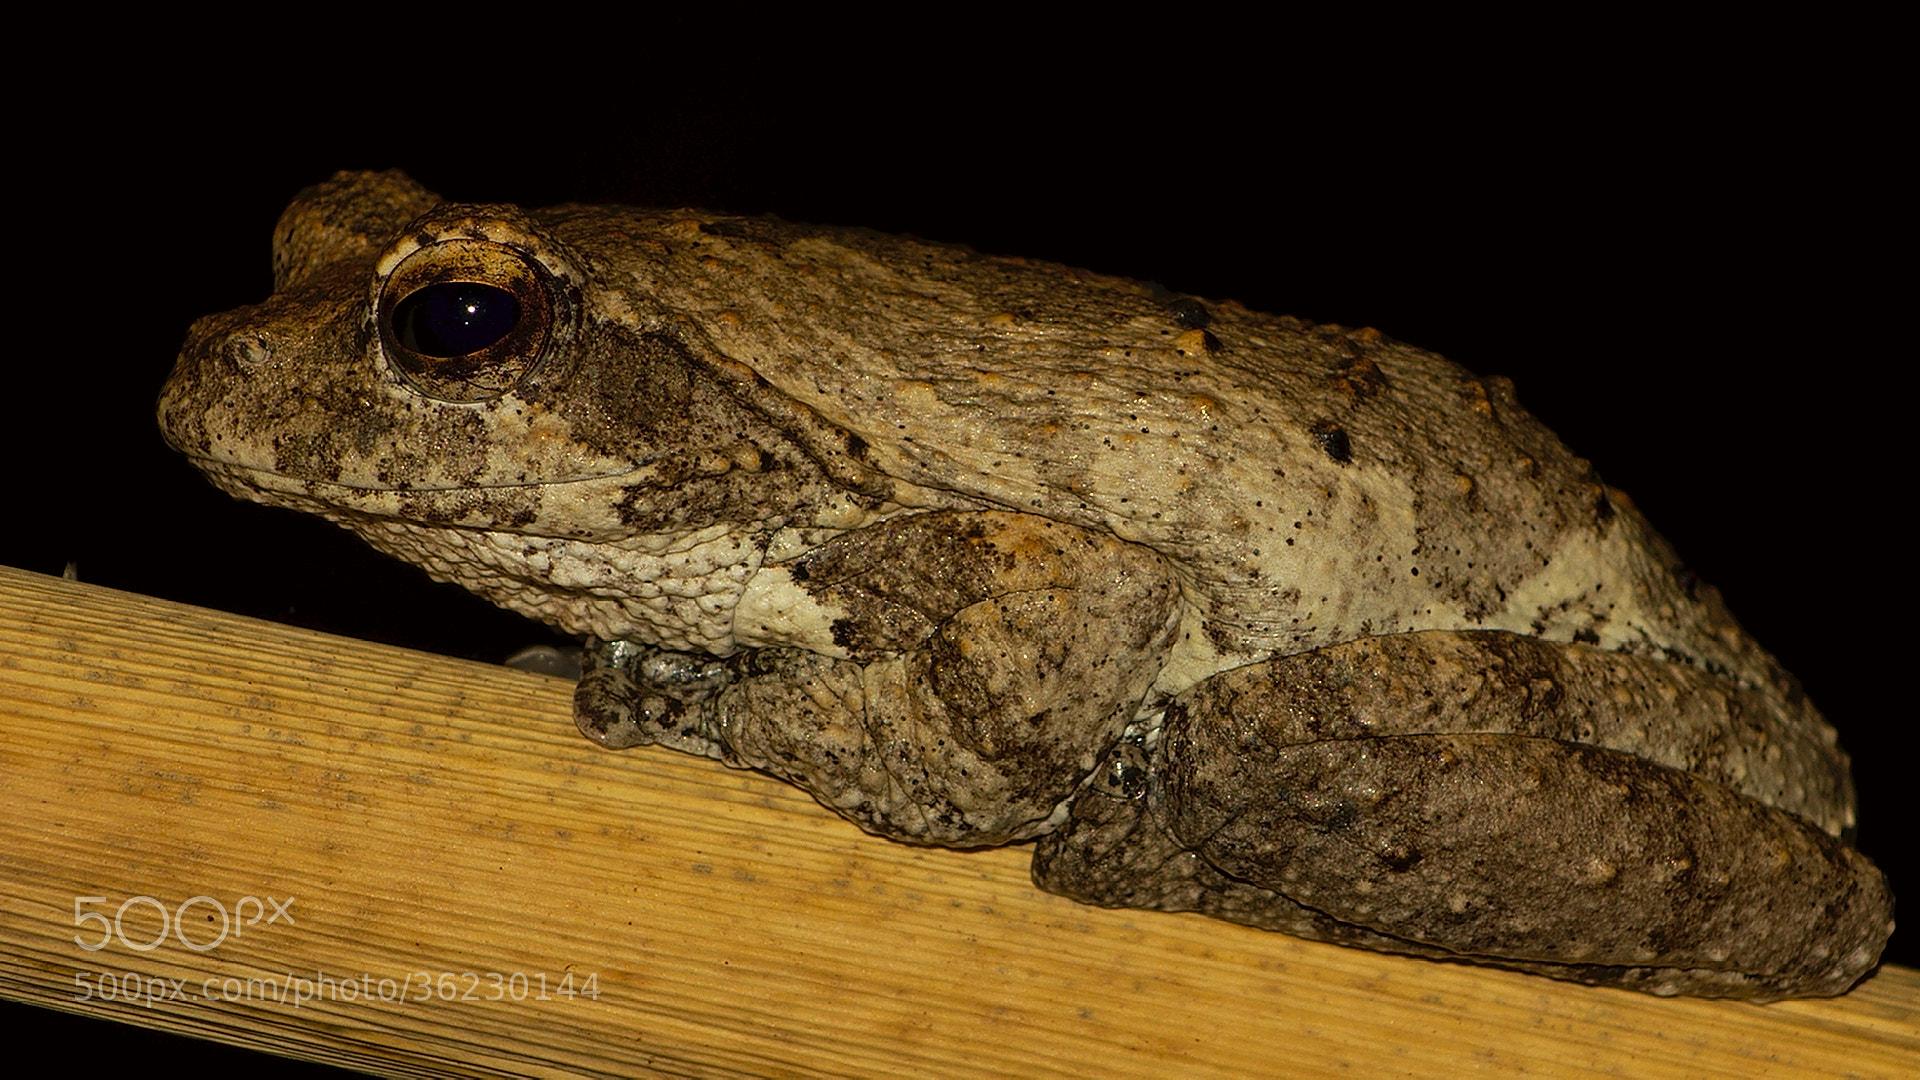 Photograph Foam nesting frog by Mareko Marciniak on 500px